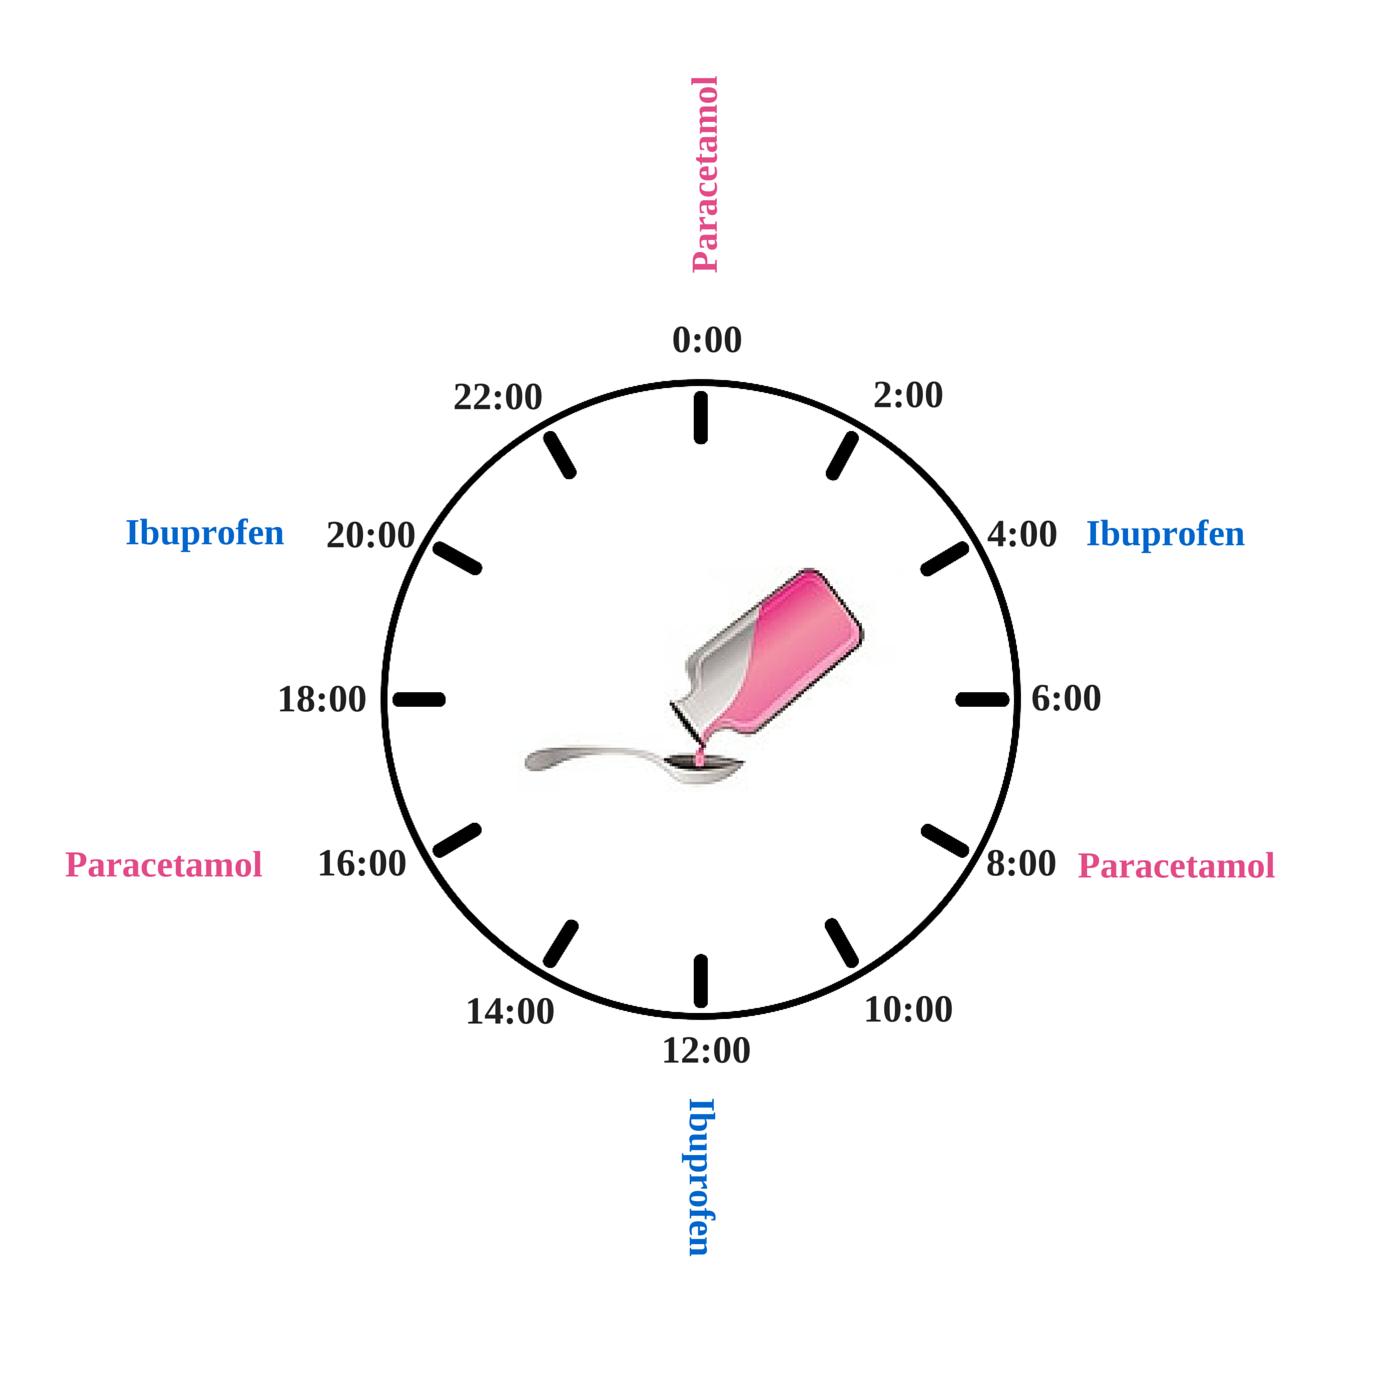 schemat naprzemiennego podawania paracetamolu i ibuprofenu